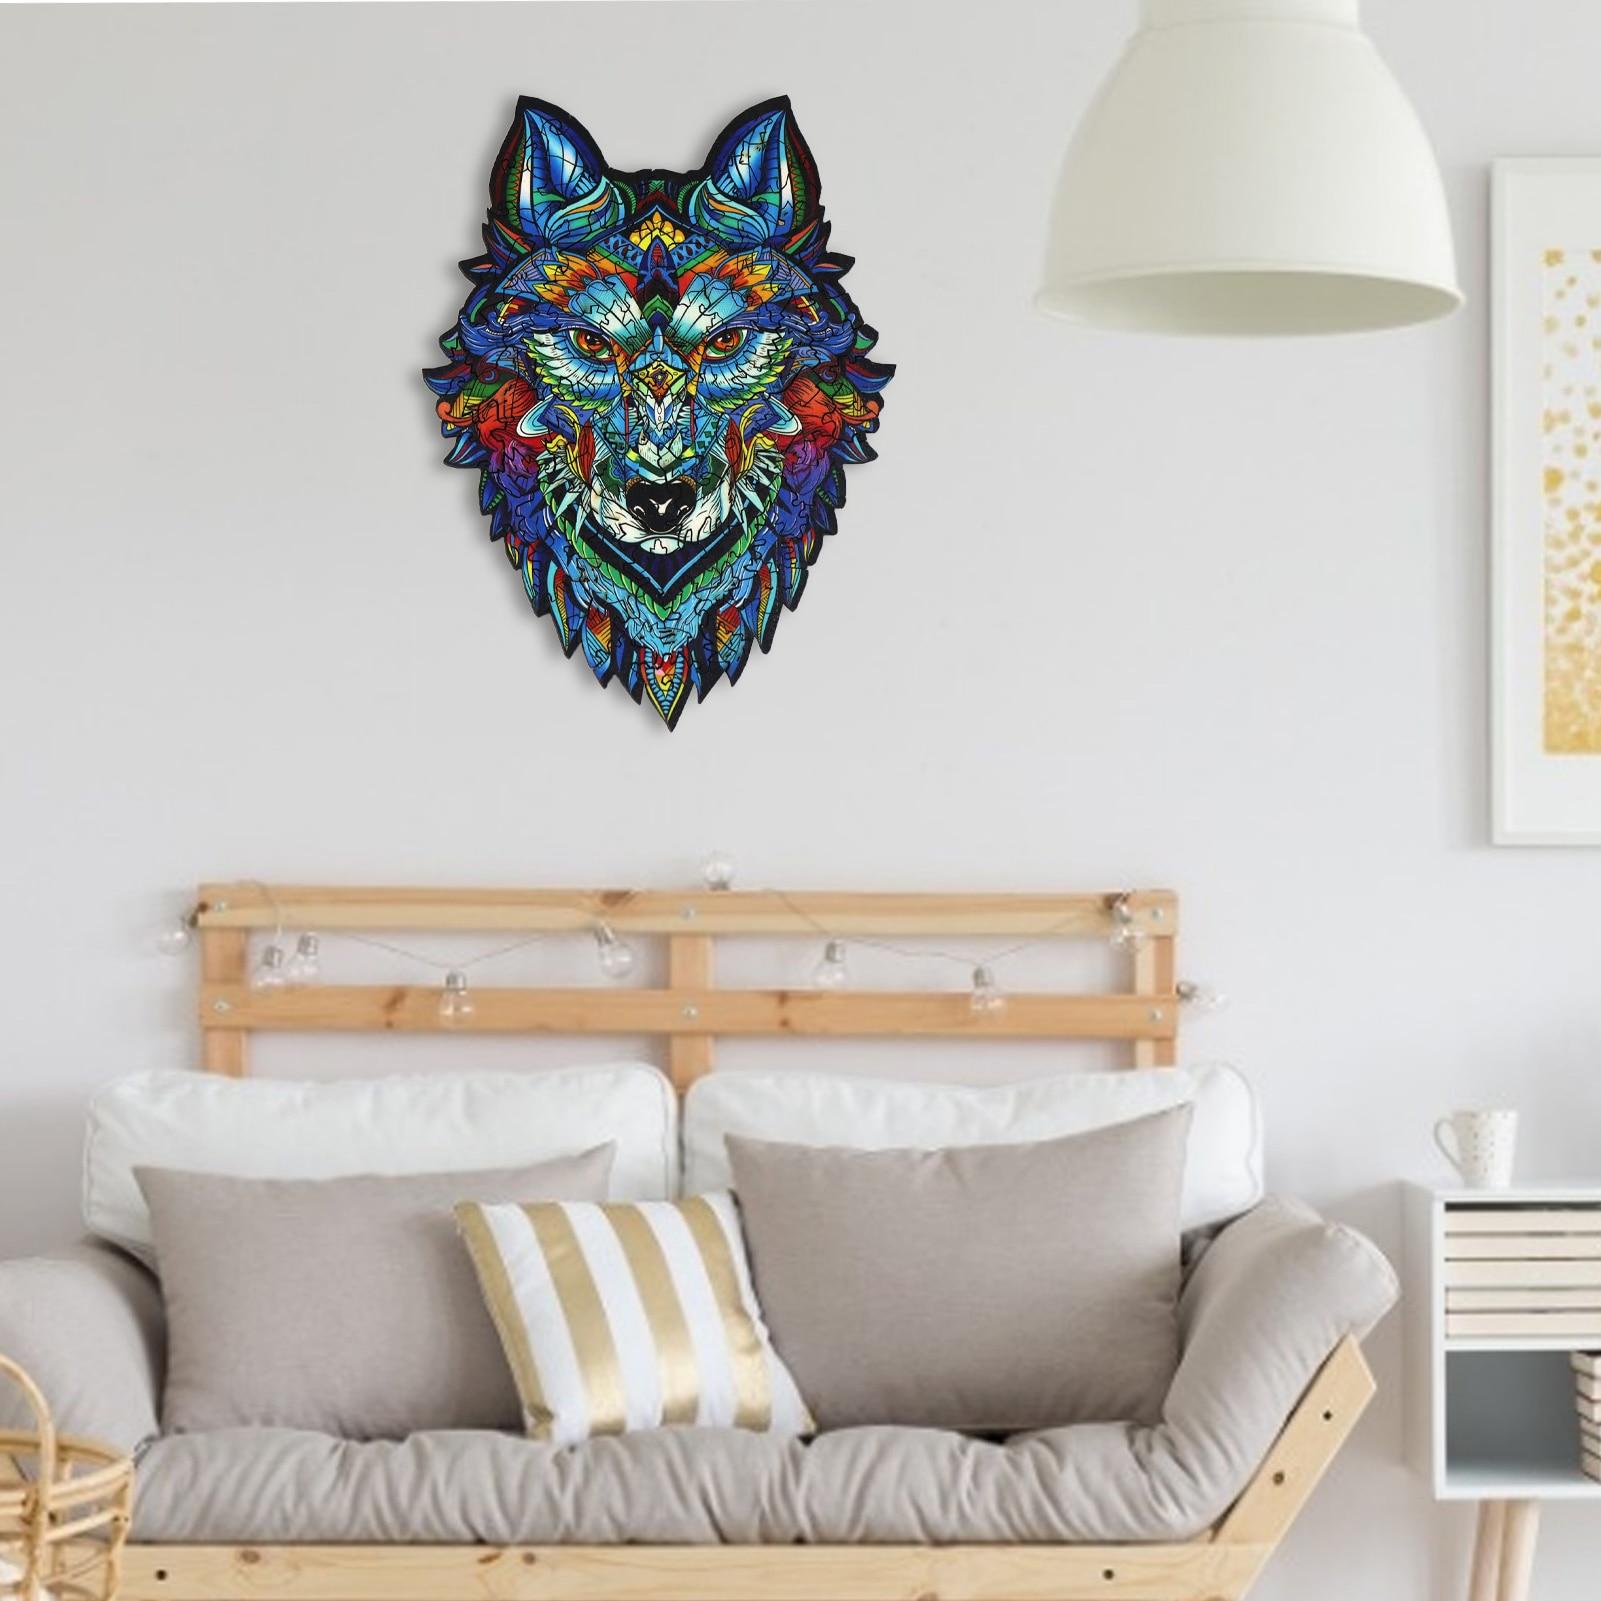 فريدة من نوعها خشبية بانوراما الألغاز غامض الذئب ثلاثية الأبعاد قطعة بازل على شكل حيوانات هدية رائعة ألعاب تفاعلية لعبة للكبار الأطفال التعليمية